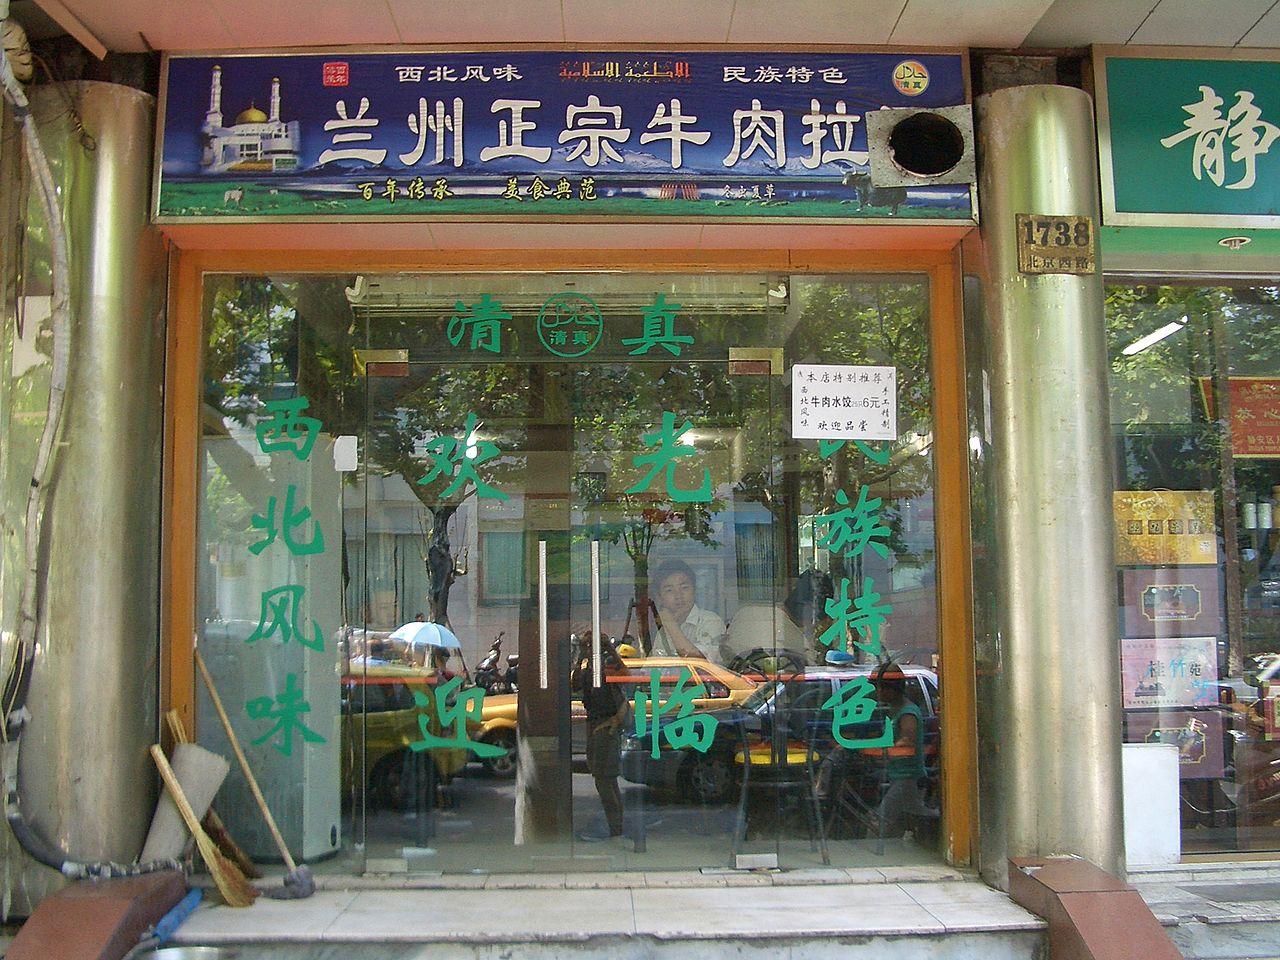 1280px-Shanghai-Lanzhou-Zhengzong-Niurou-Lamian-2782.jpg